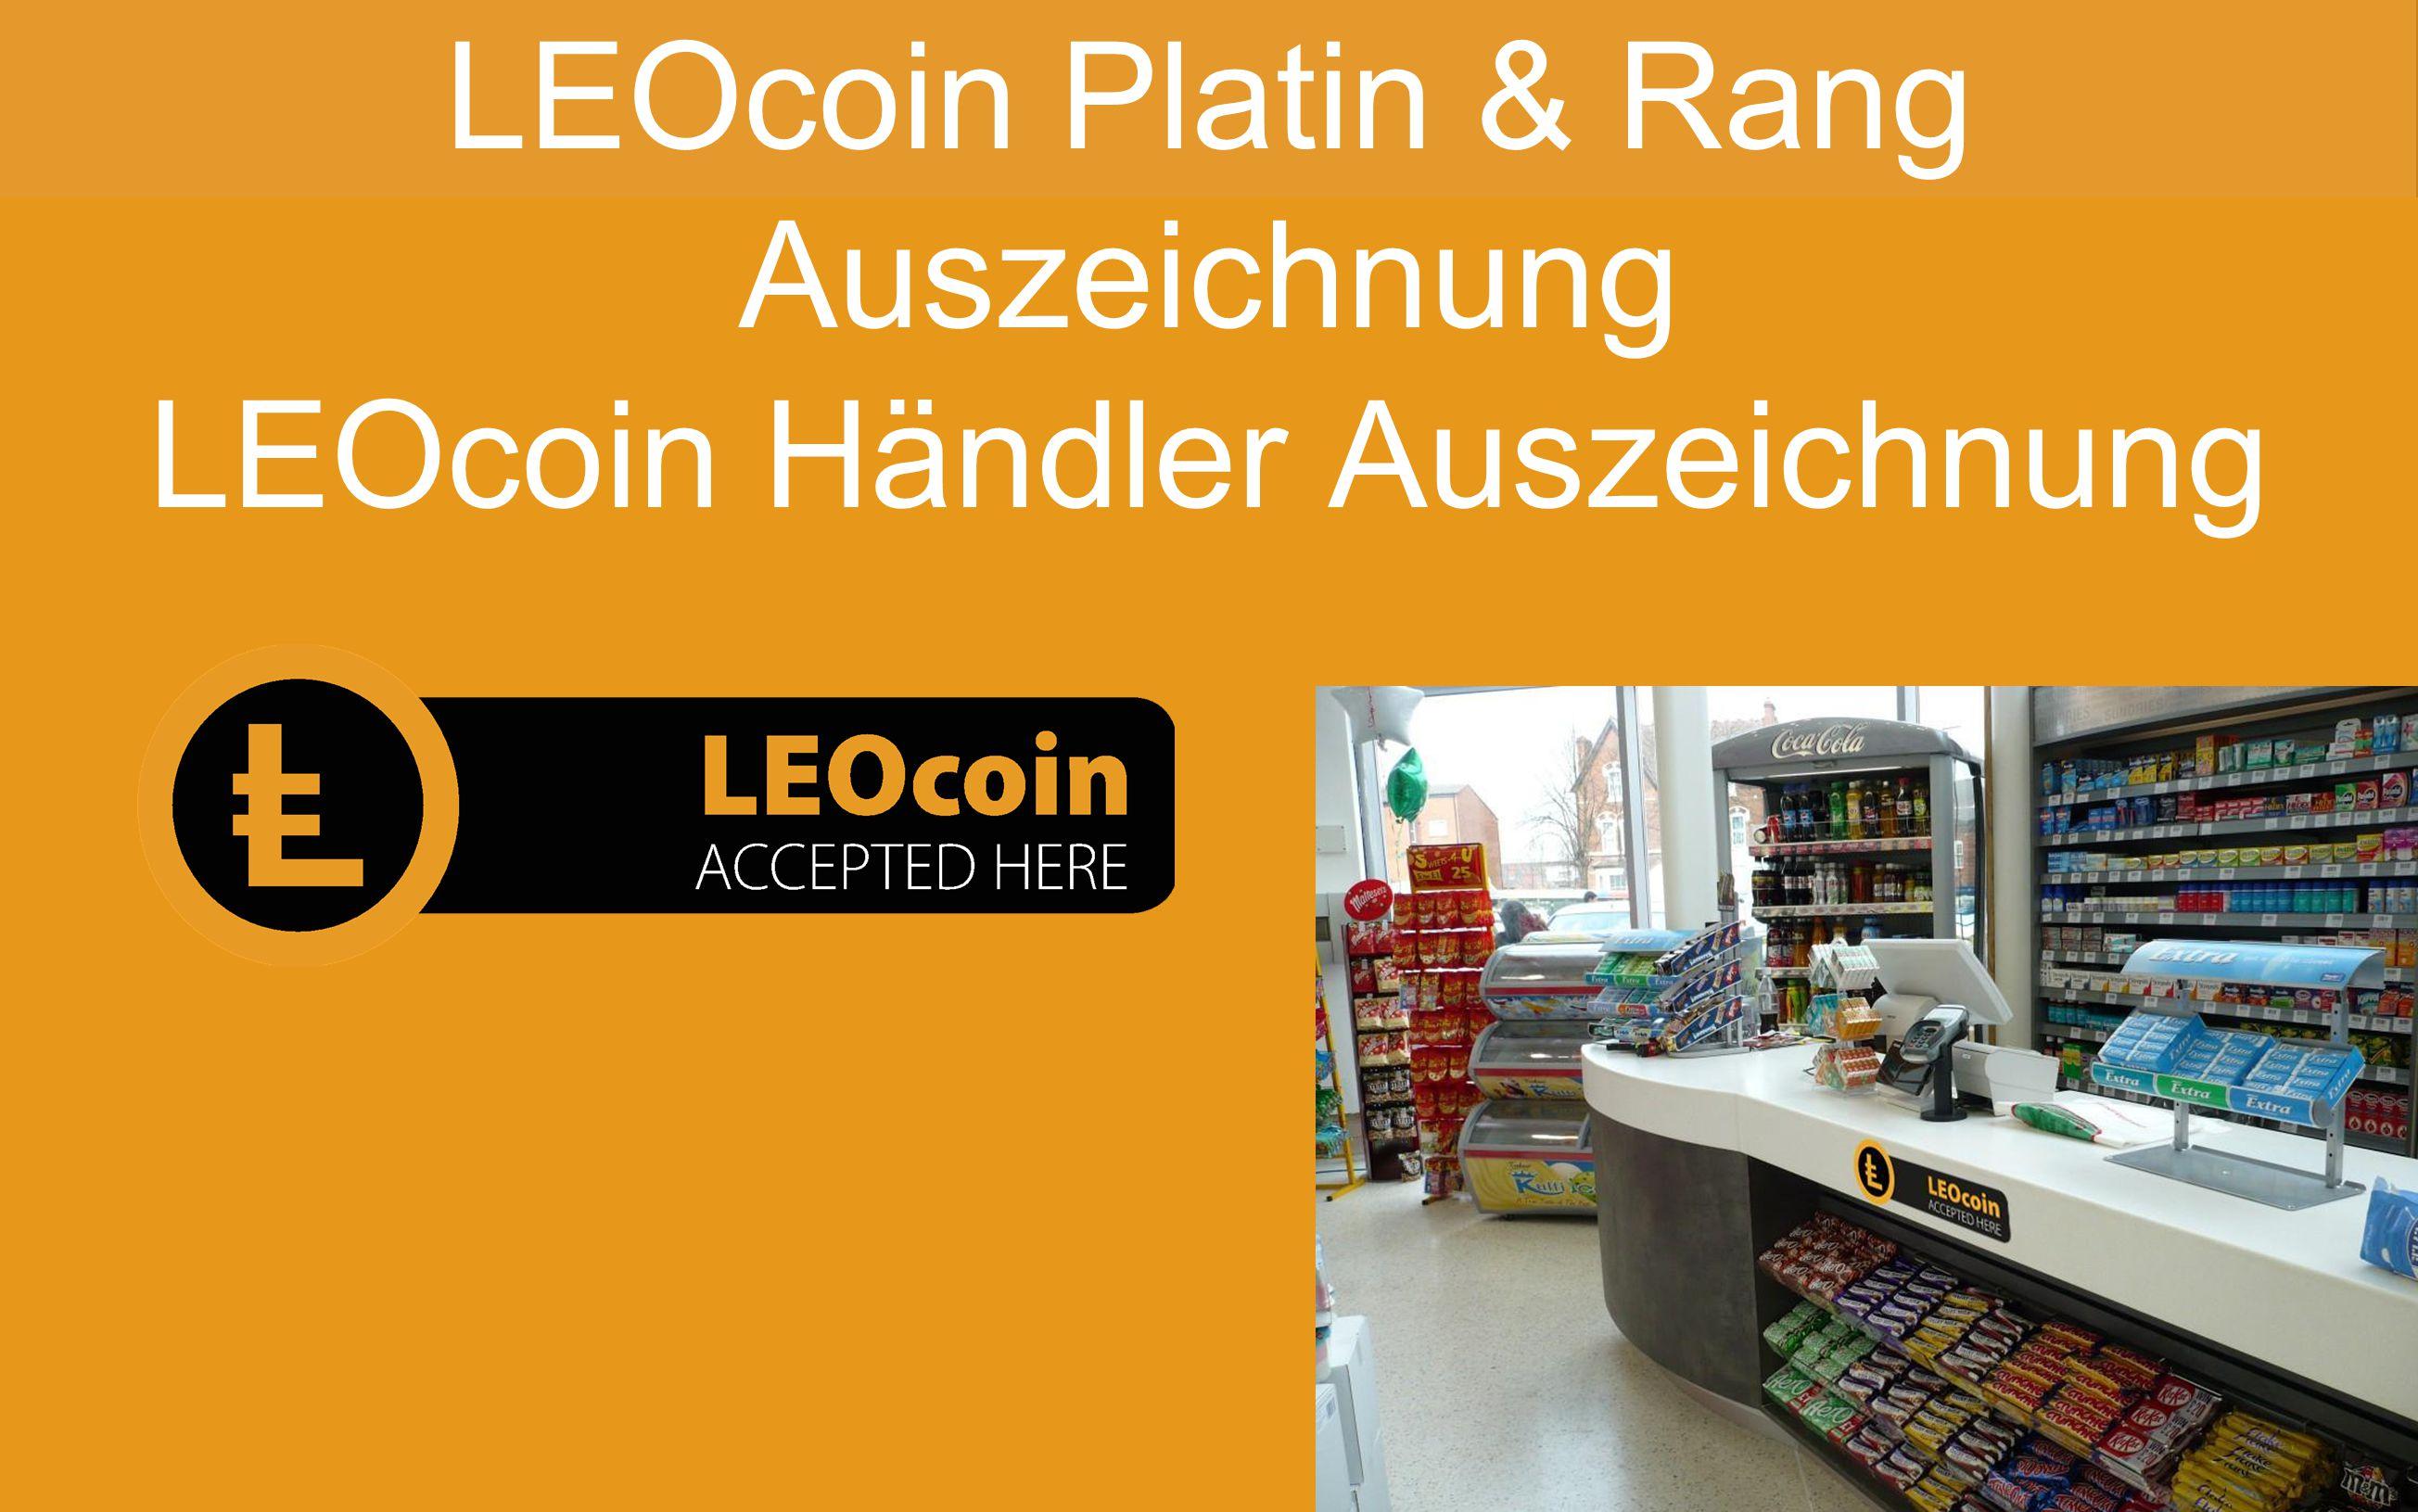 LEOcoin Platin & Rang Auszeichnung LEOcoin Händler Auszeichnung